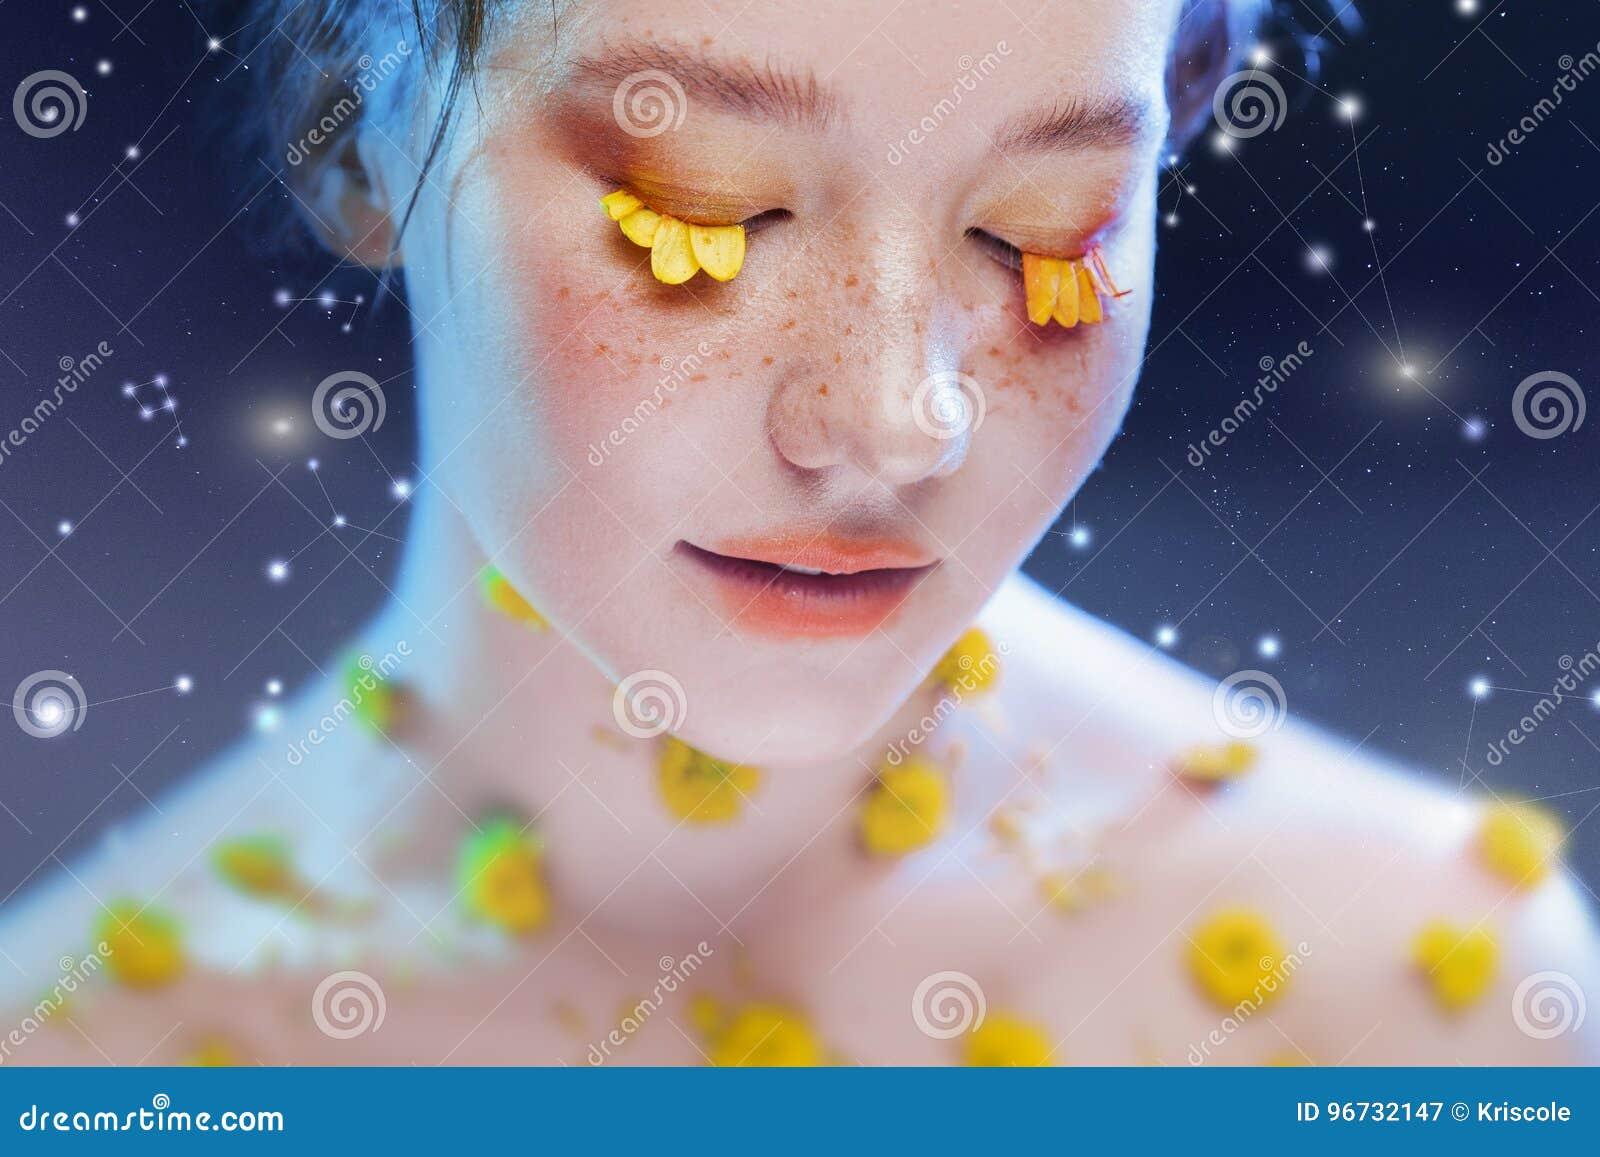 Belle jeune fille dans l image de la flore, portrait en gros plan Portrait fabuleux sur un fond étoilé